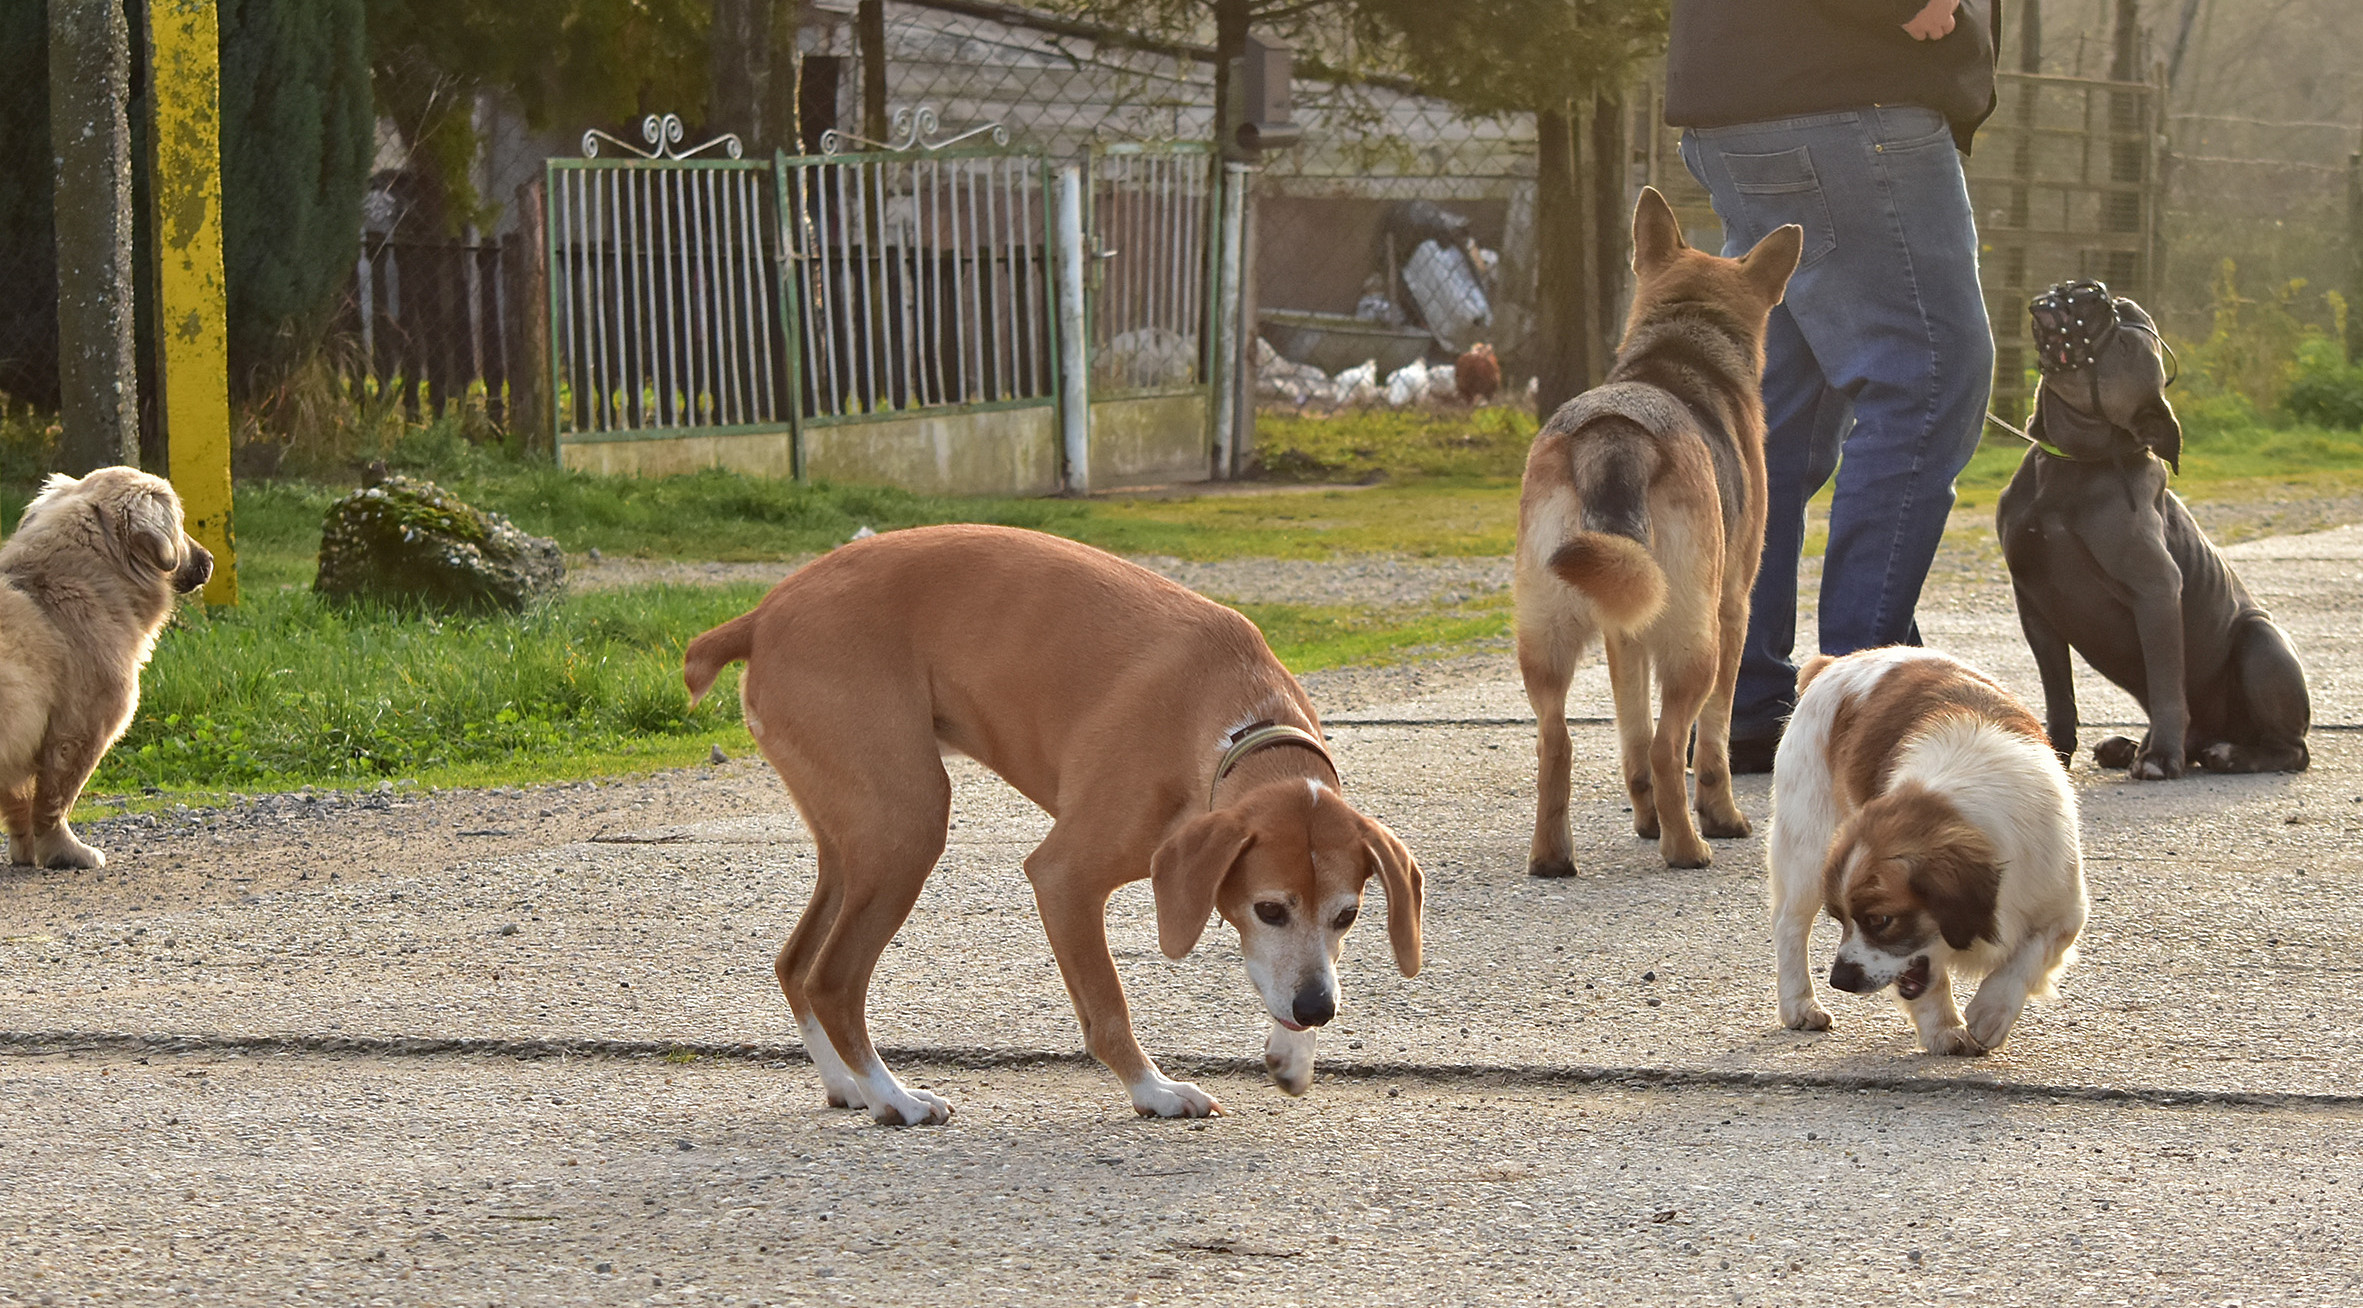 Bulldogge Hund sitzt auf Straße mit fremden Hunden